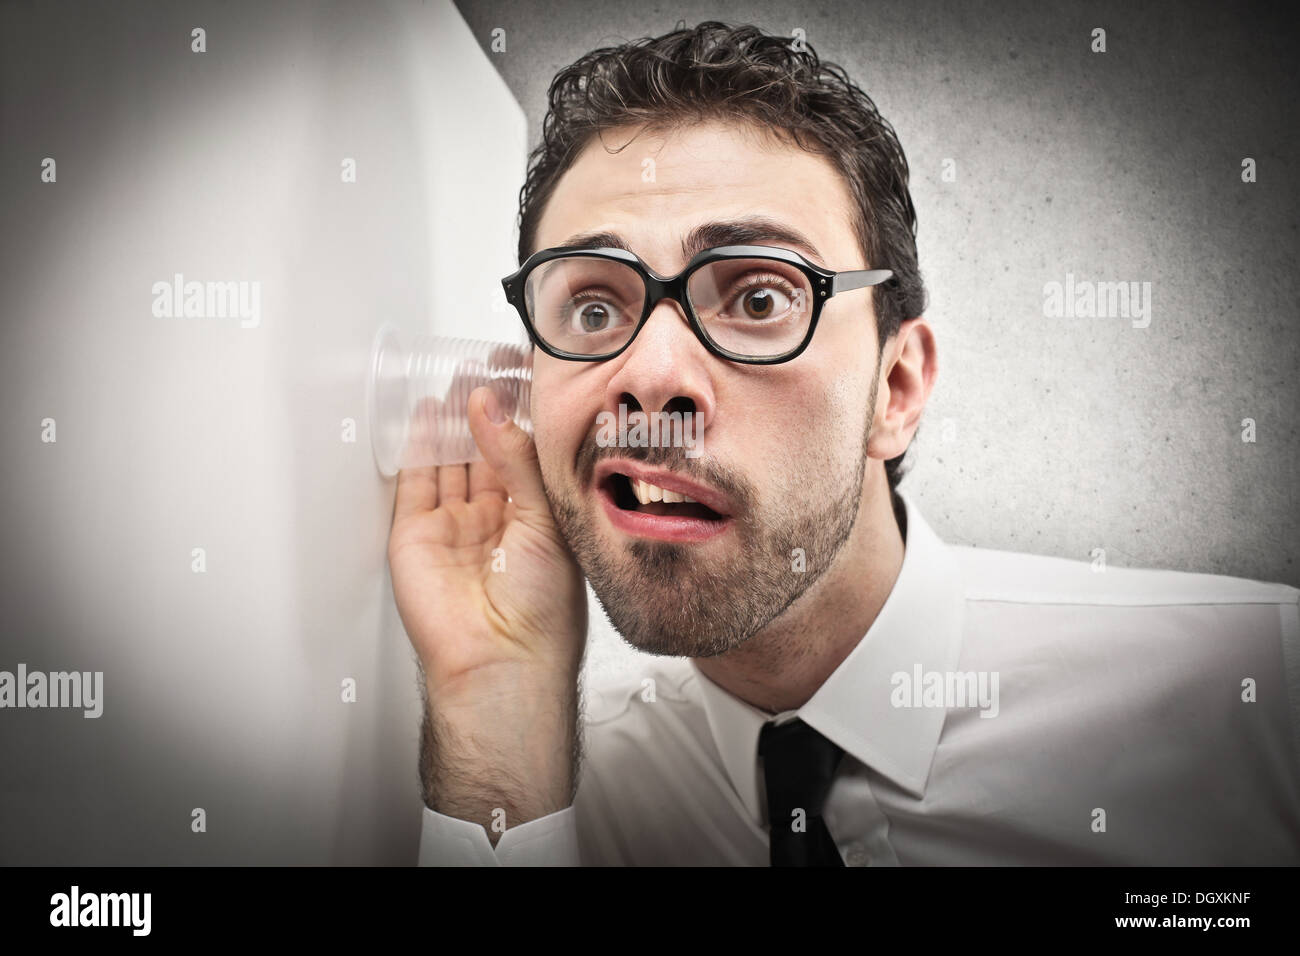 Büroangestellte mit Brille, die versuchen, durch eine Wand zu hören Stockbild